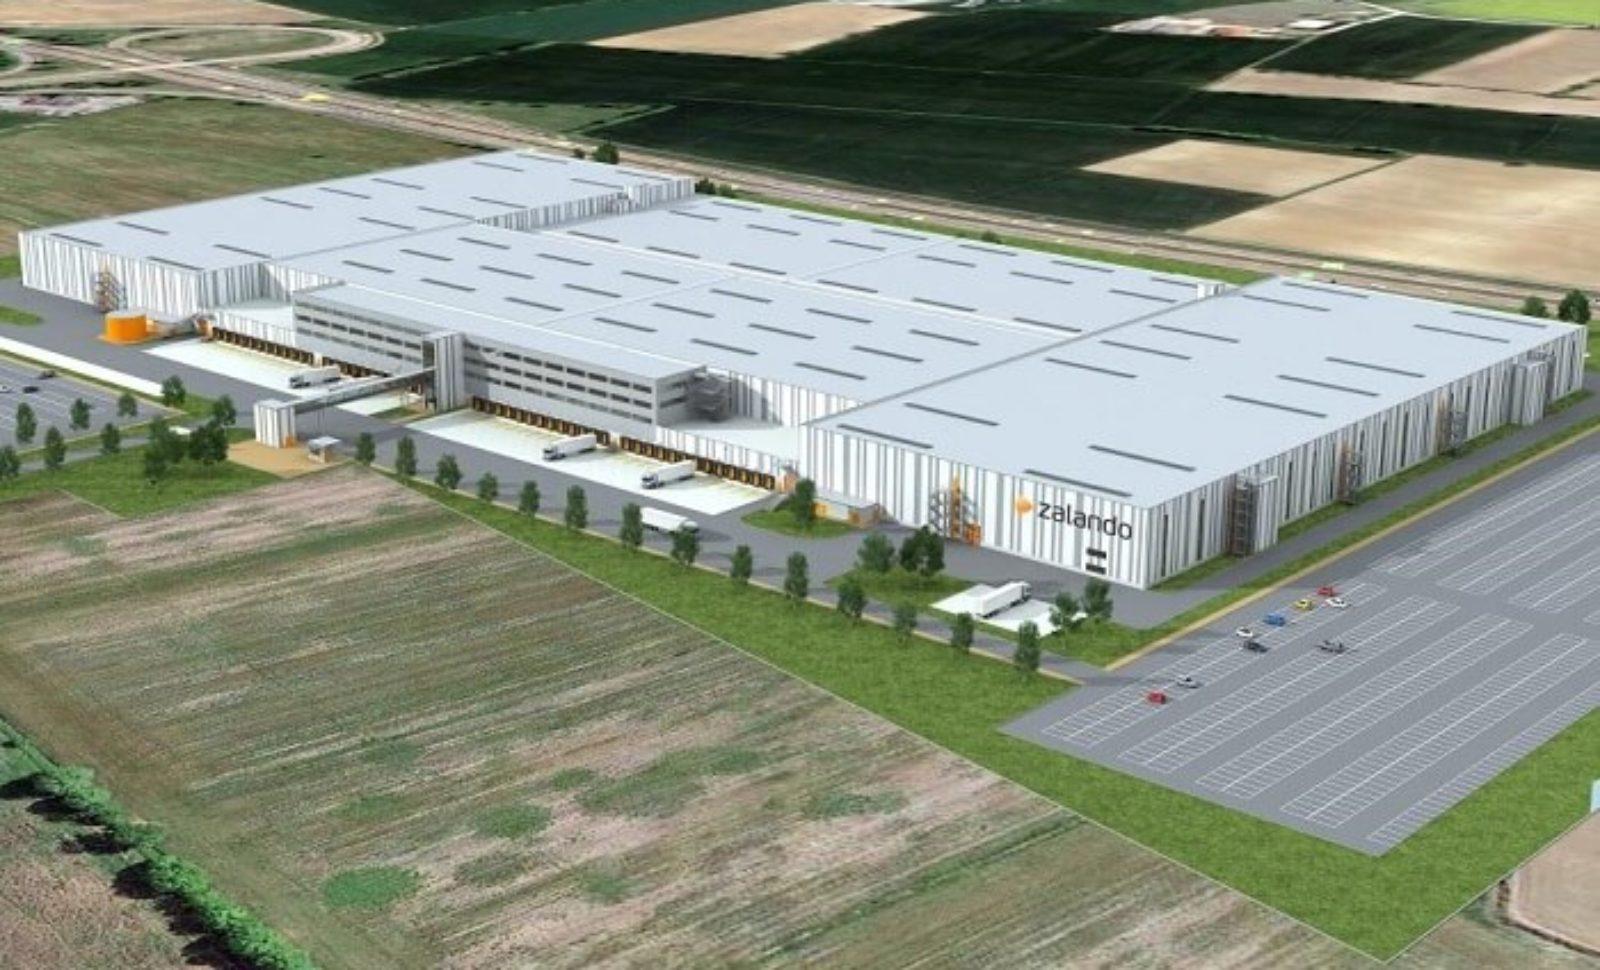 Zalando lässt weiteres Logistikzentrum in Italien bauen